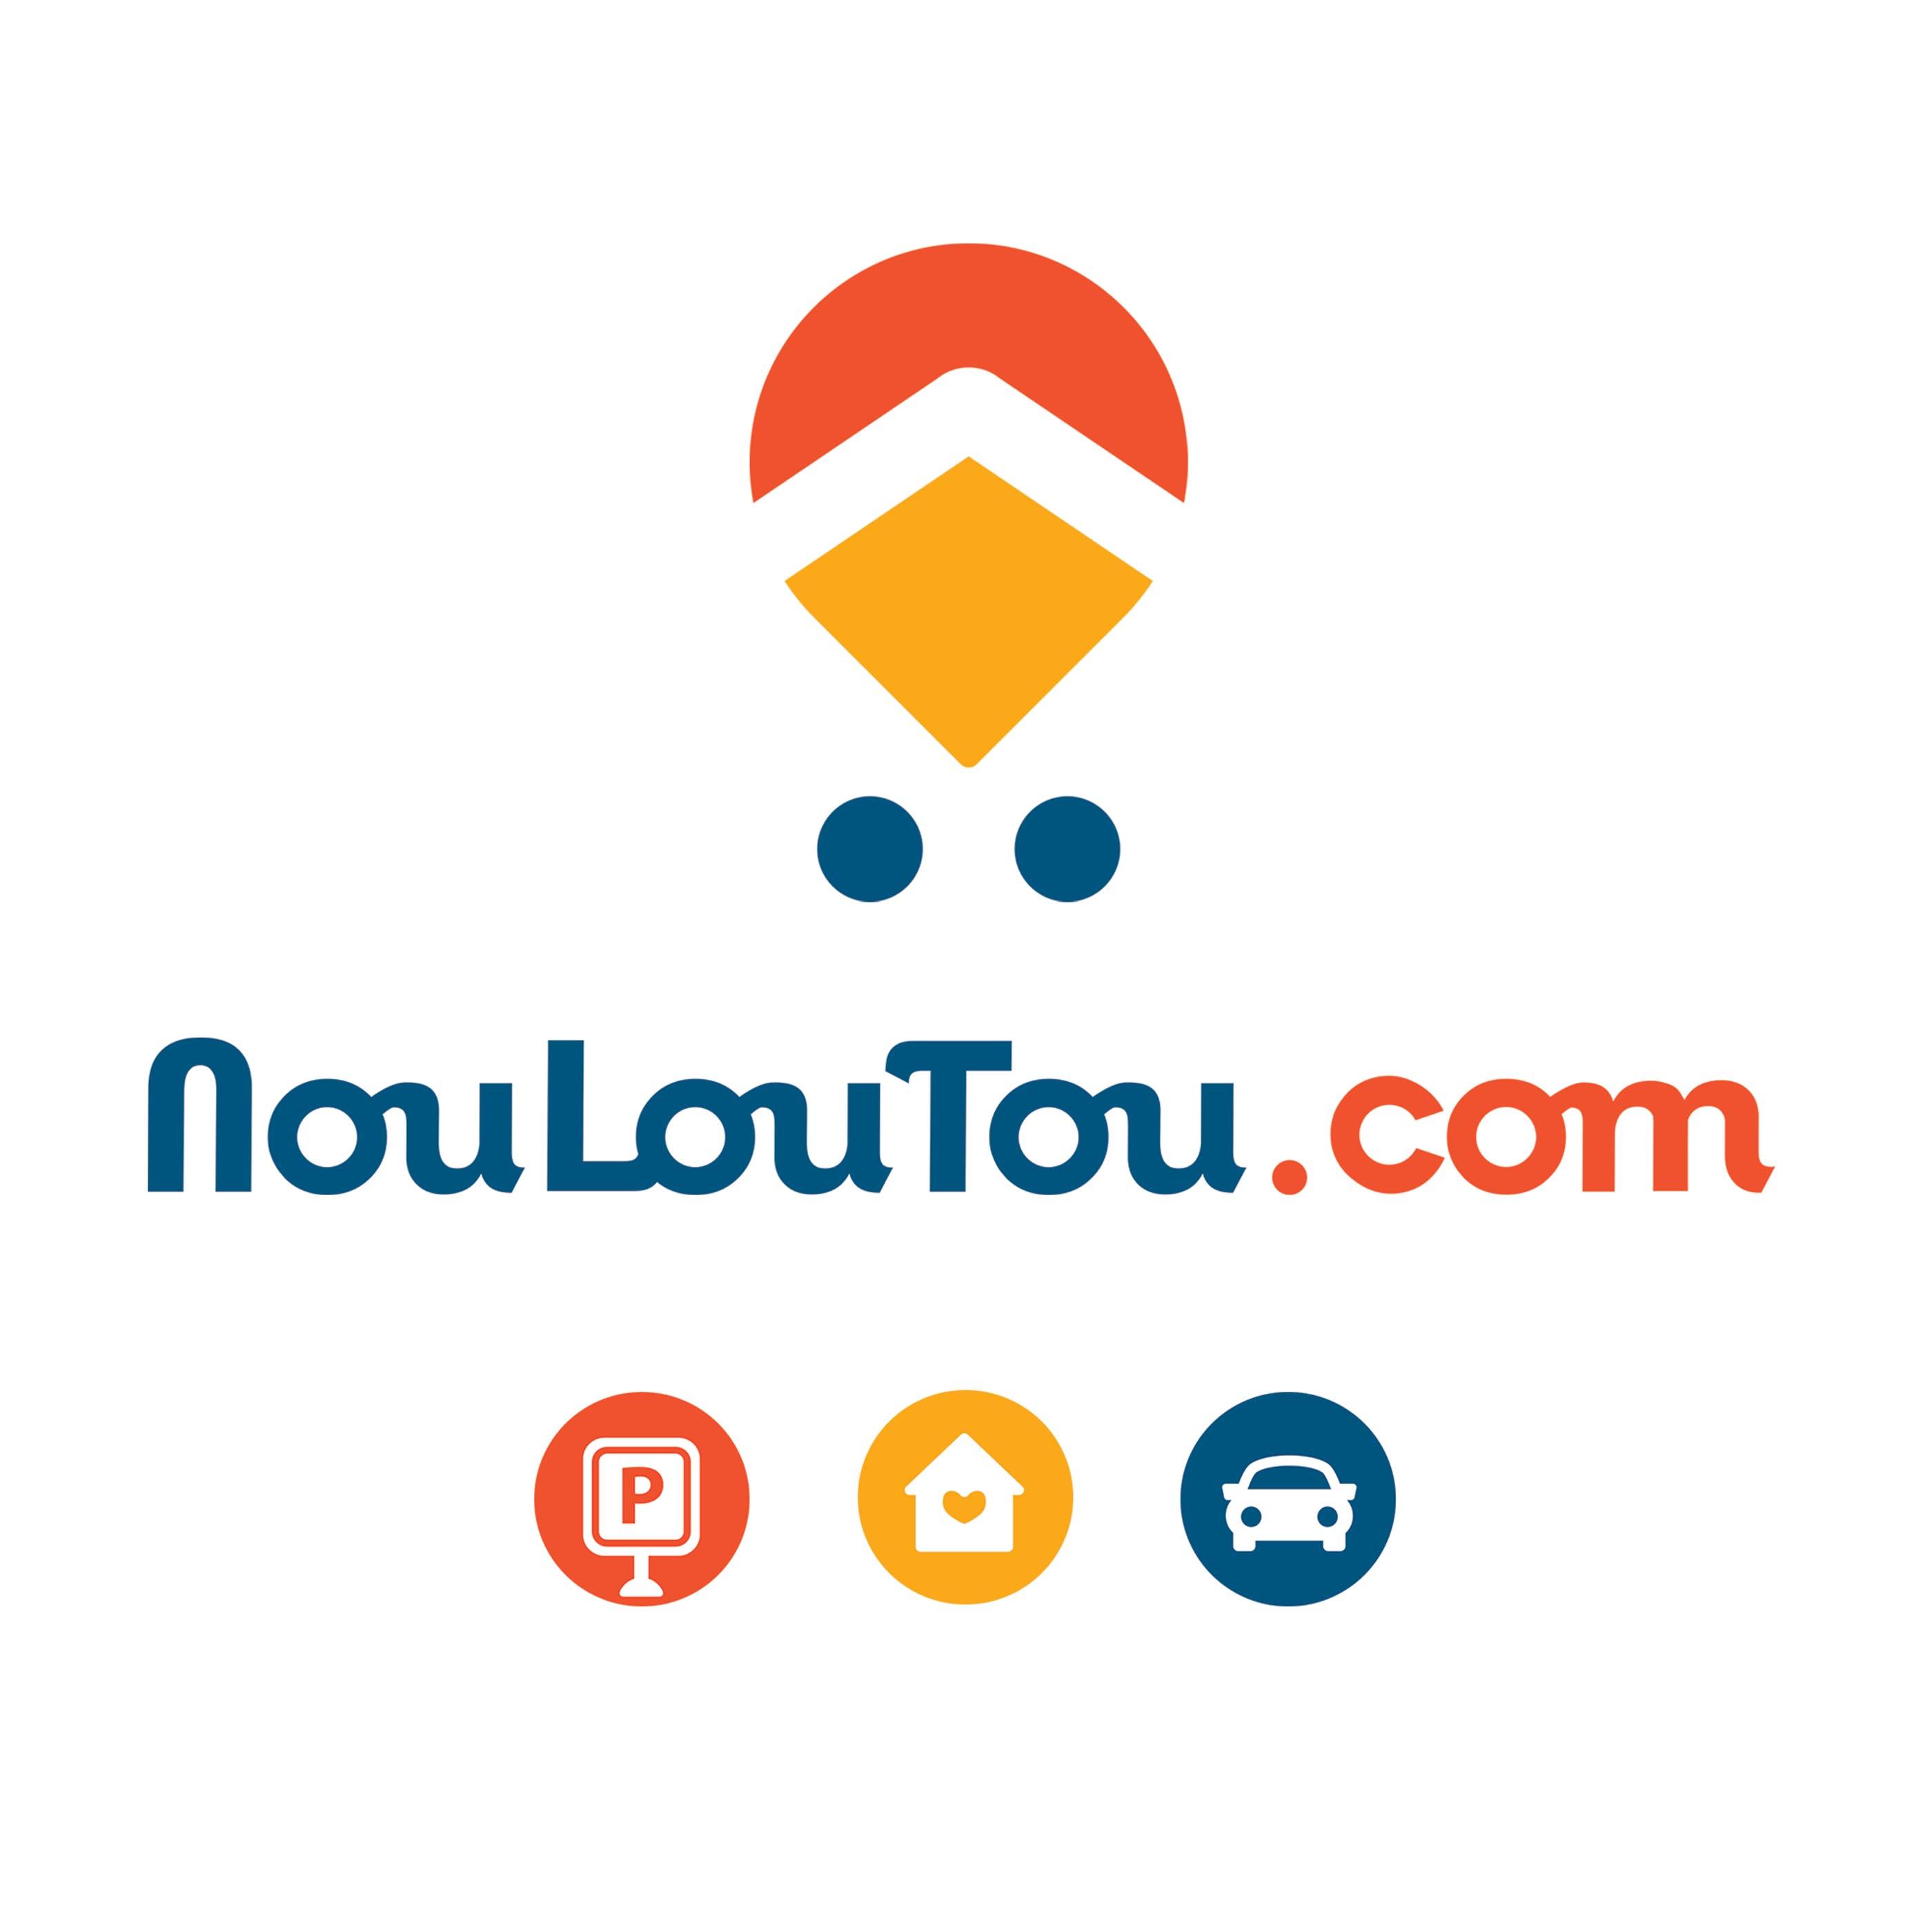 NOULOUTOU -  - OUEST La Réunion 974